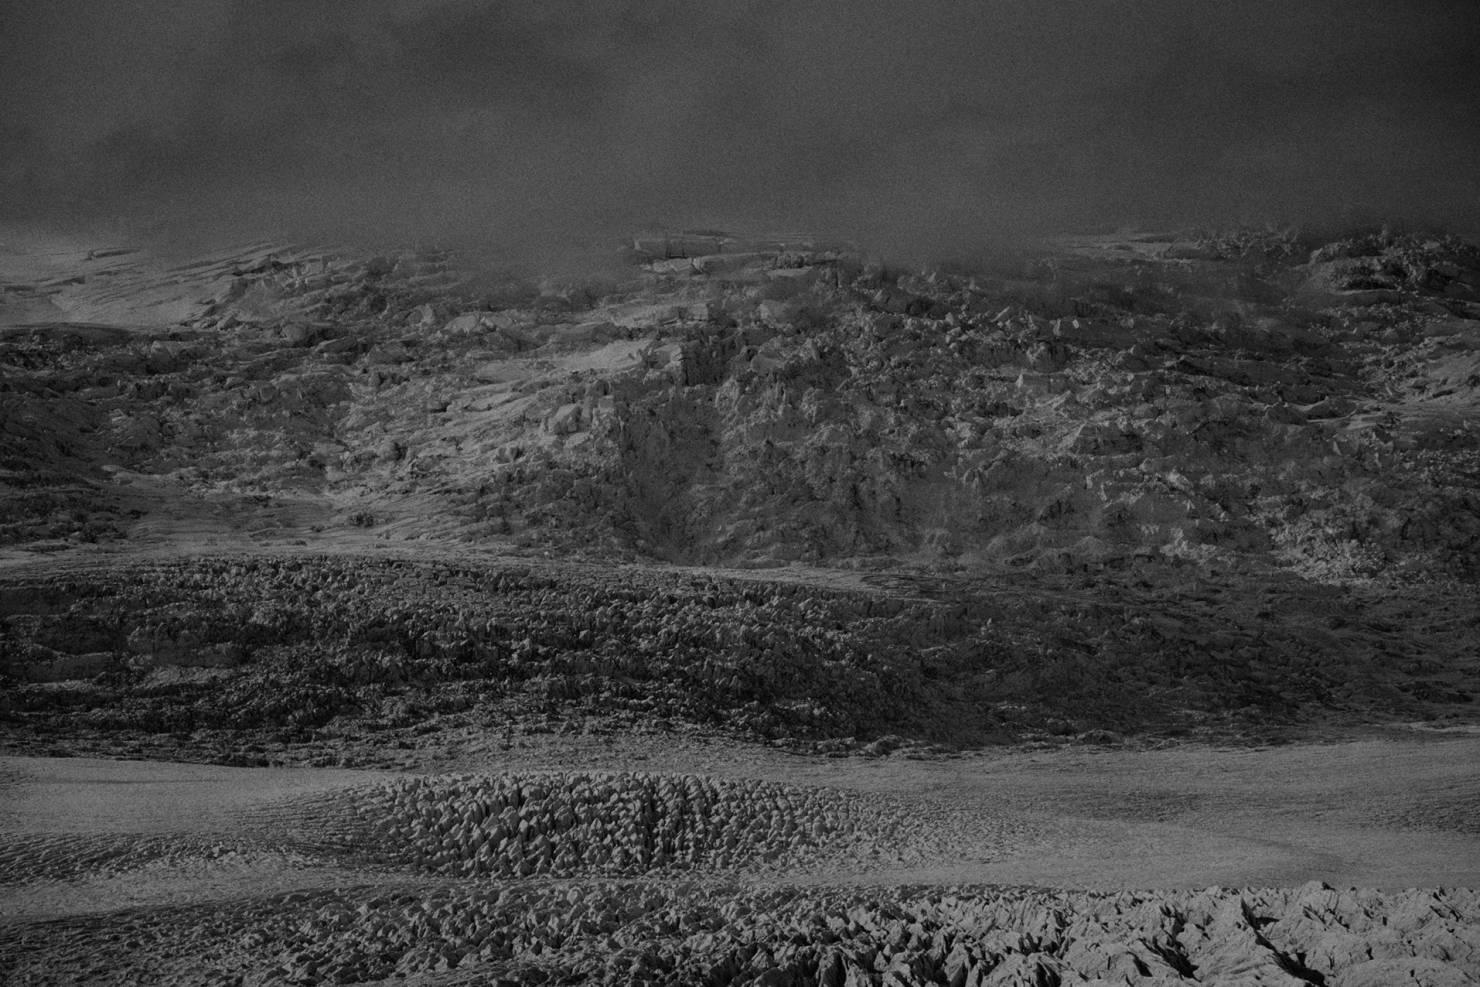 patrick_schuttler_landscape_iceland_010-a0a0ee4d6c912af0278fe8d06651a41d